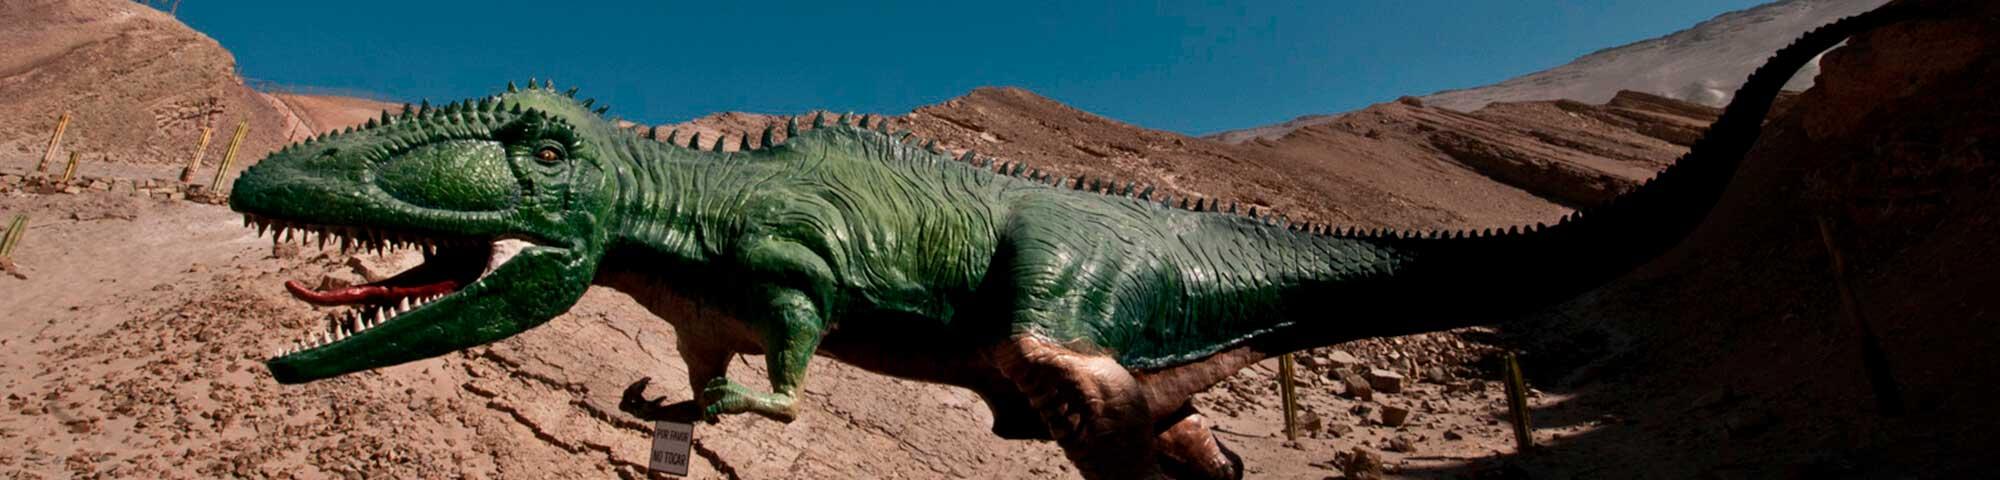 Parque Jurásico de Querullpa